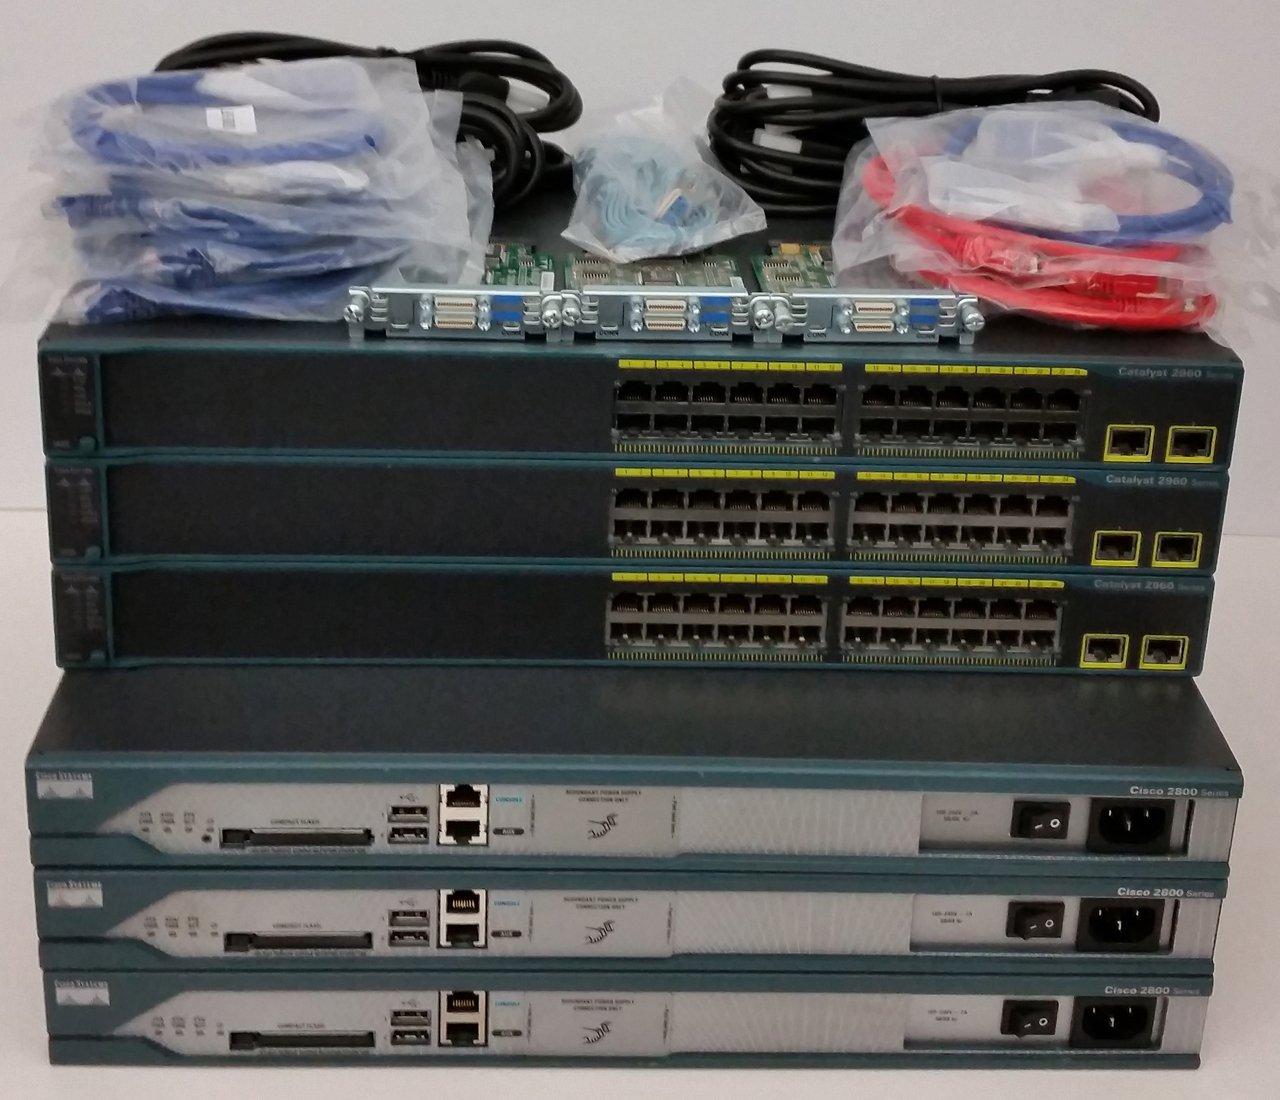 Workbooks ccnp lab workbook : Amazon.com: Cisco CCNA 200-120 Certification Premium Lab Kit ...